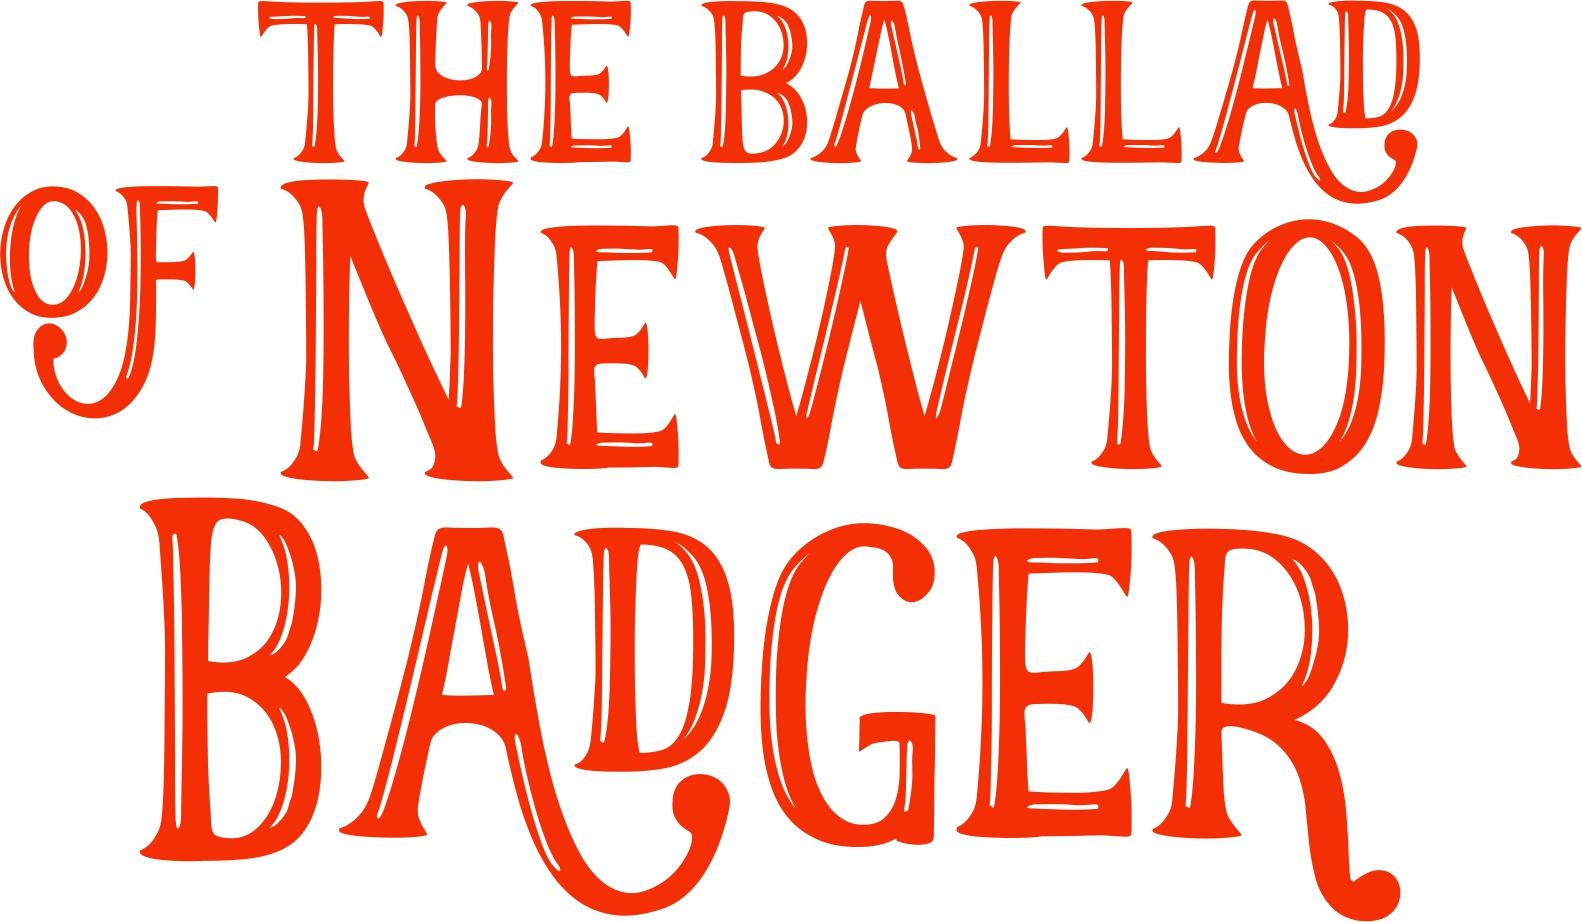 the ballad of newton  badger_logo